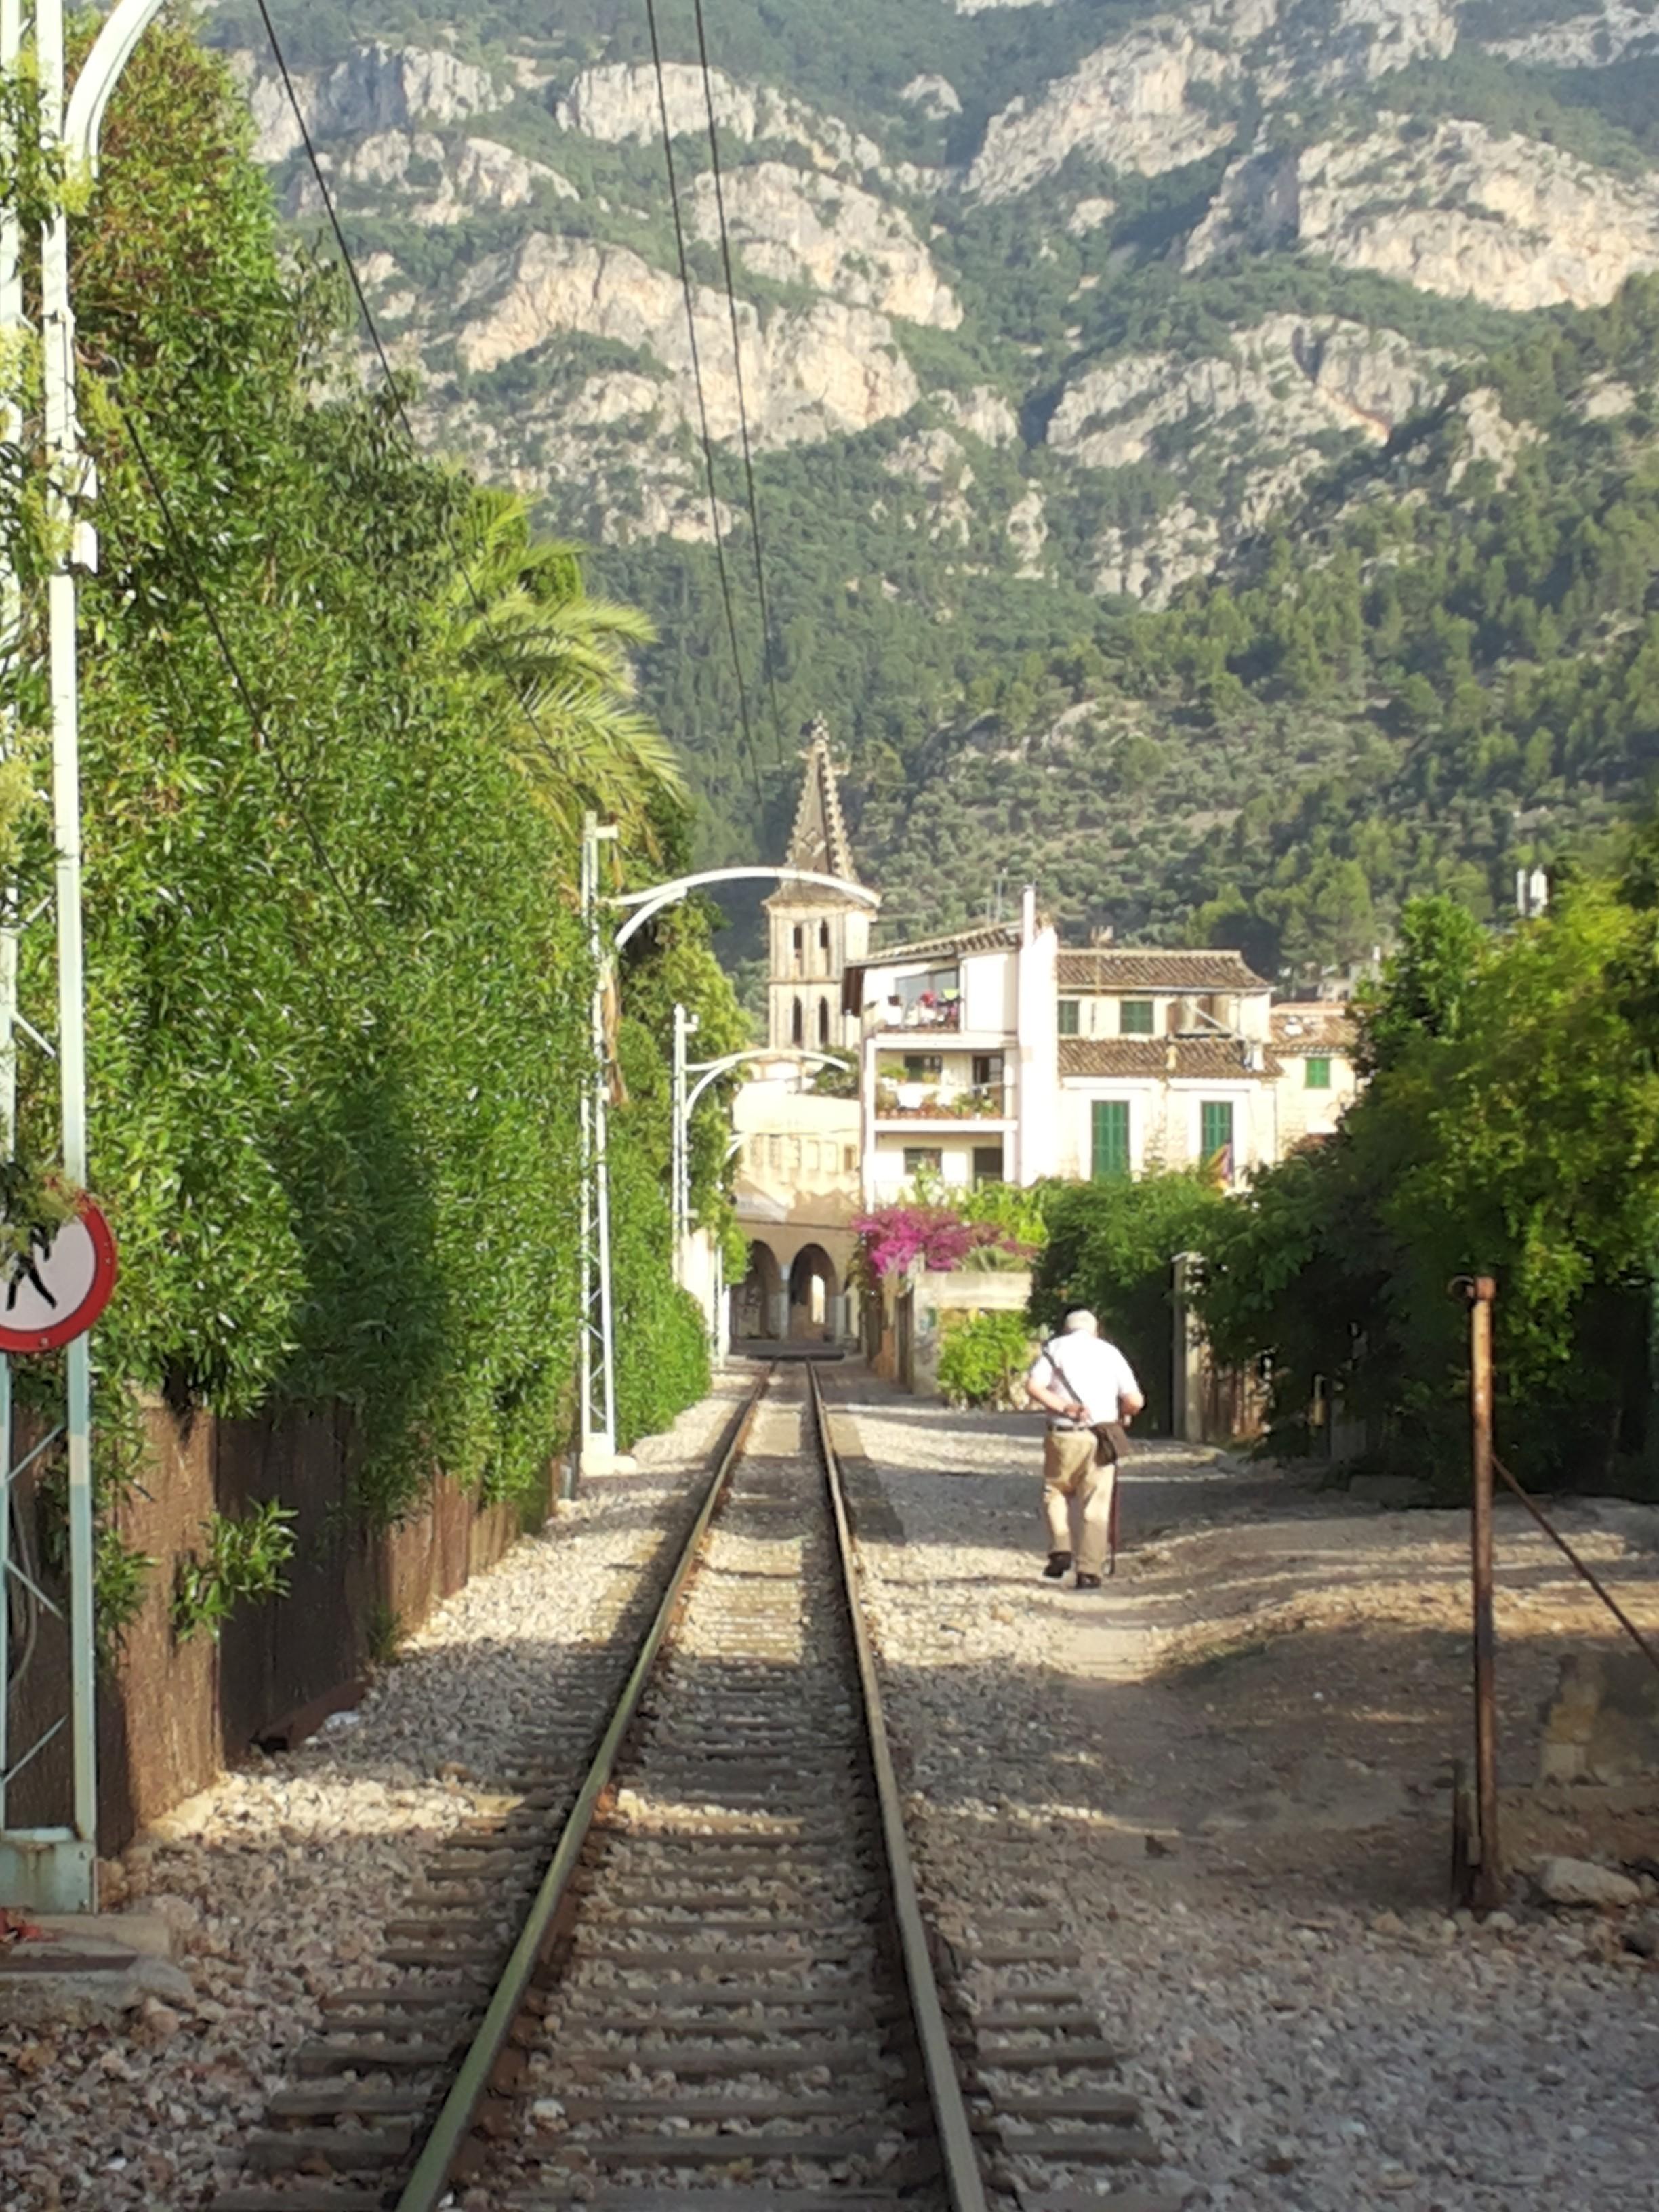 Train track in Soller, Mallorca, Spain